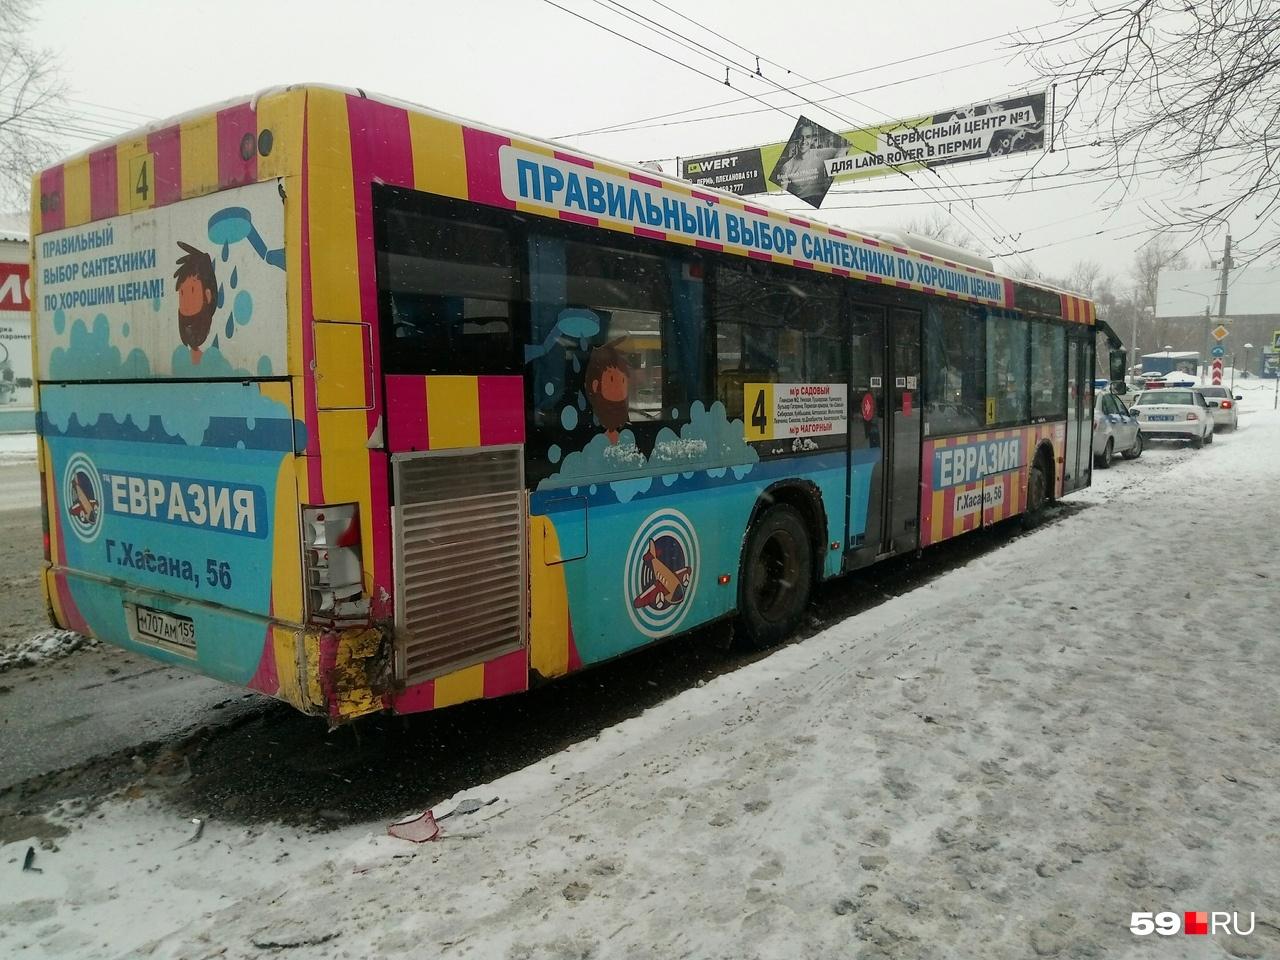 Сначала такси врезалось в этот автобус